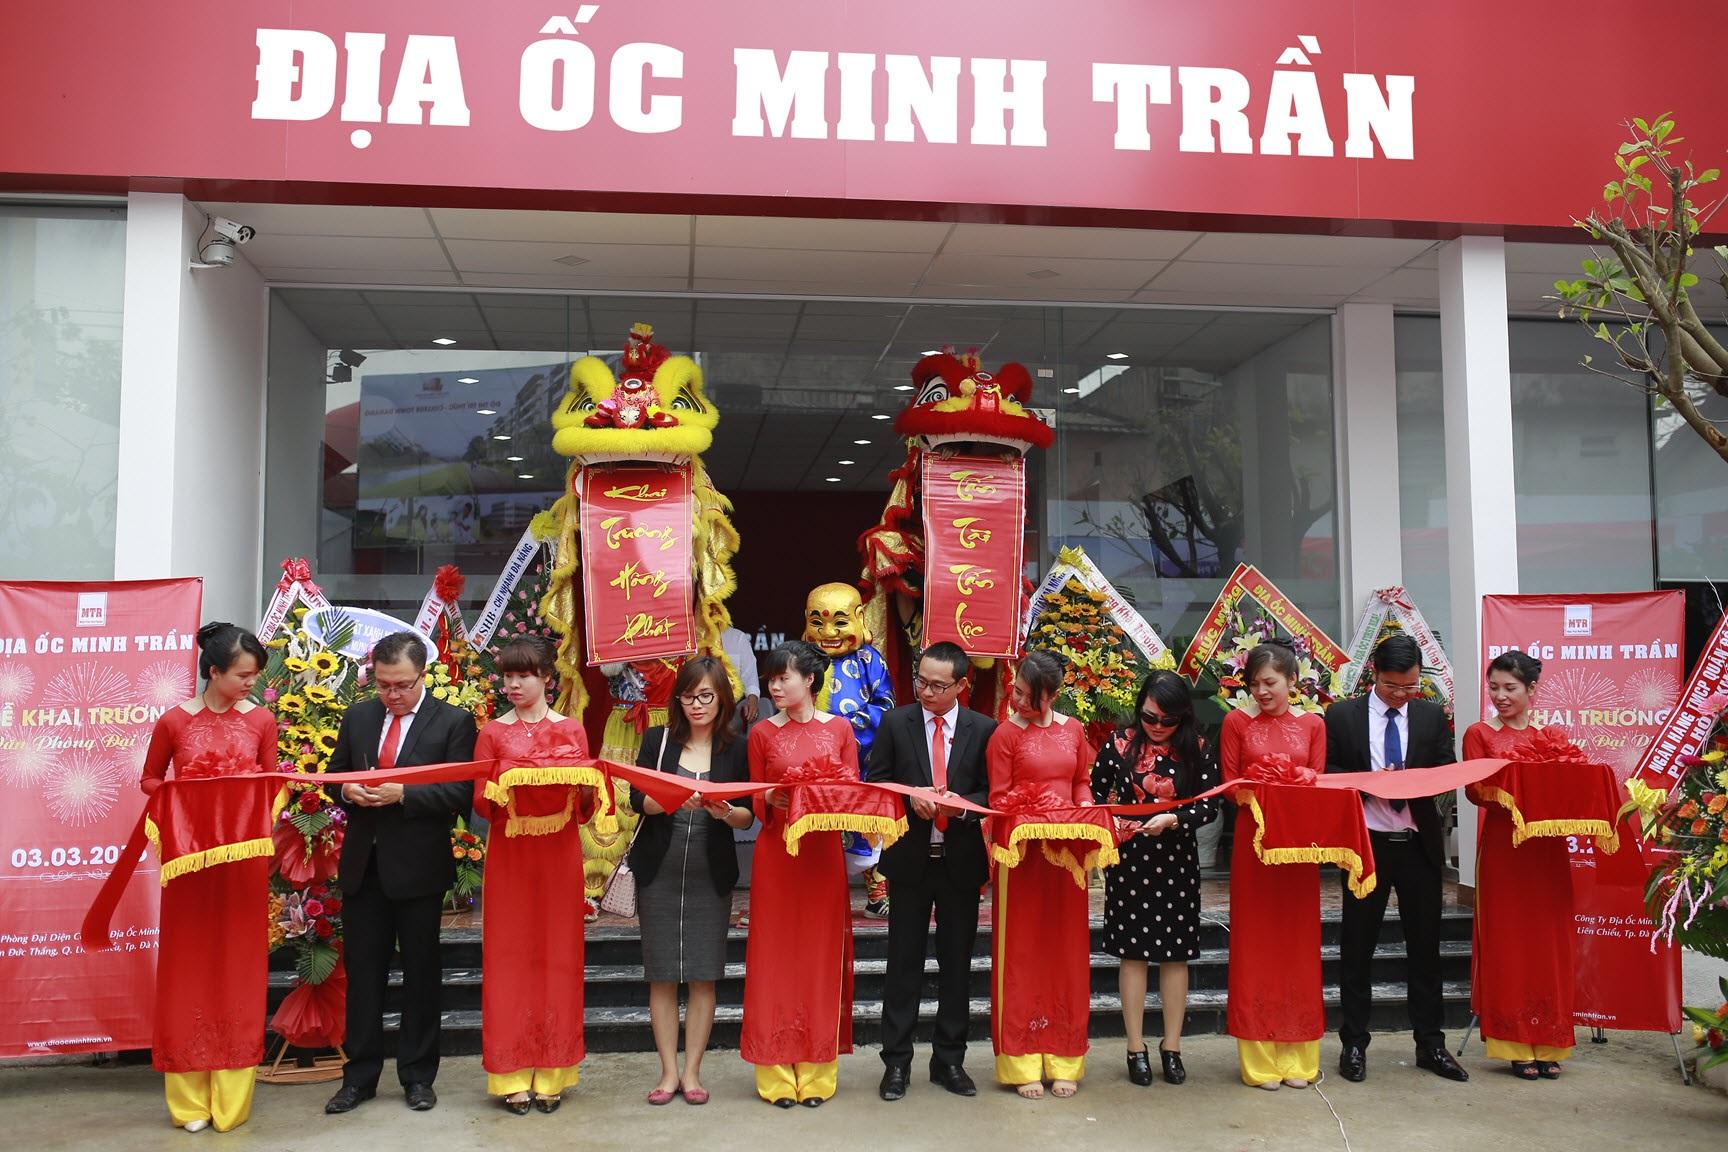 Địa ốc Minh Trần khai trương văn phòng đại diện - 1